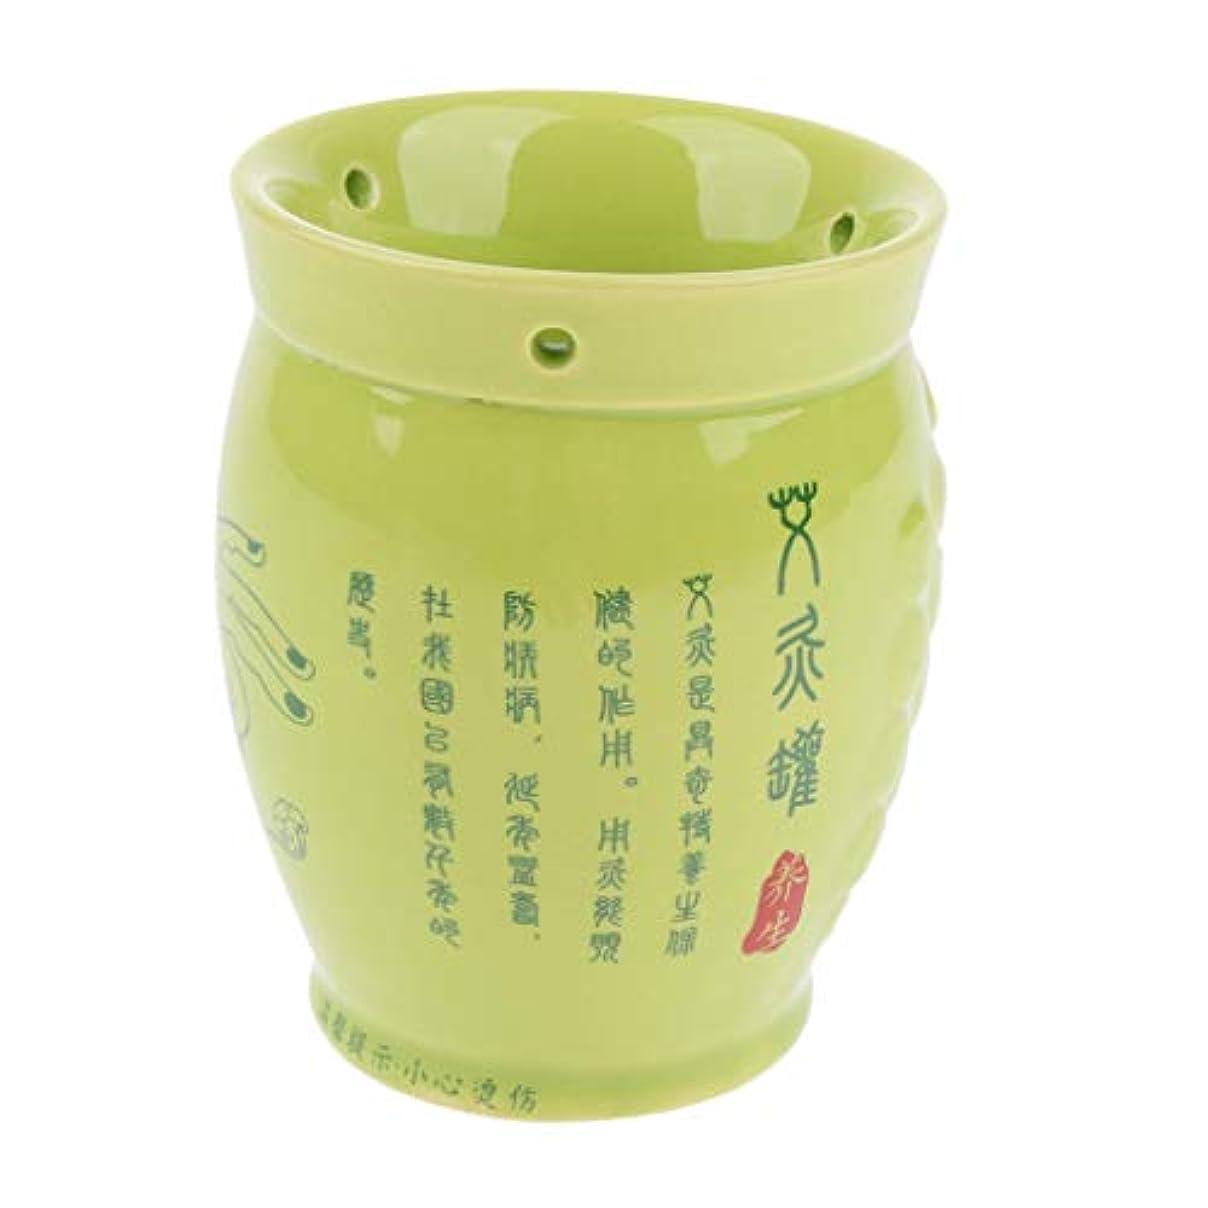 ヶ月目慰め相対的dailymall 中国の陶磁器のSの廃棄物のコップの鍋はボディのためのカッピングをマッサージできます